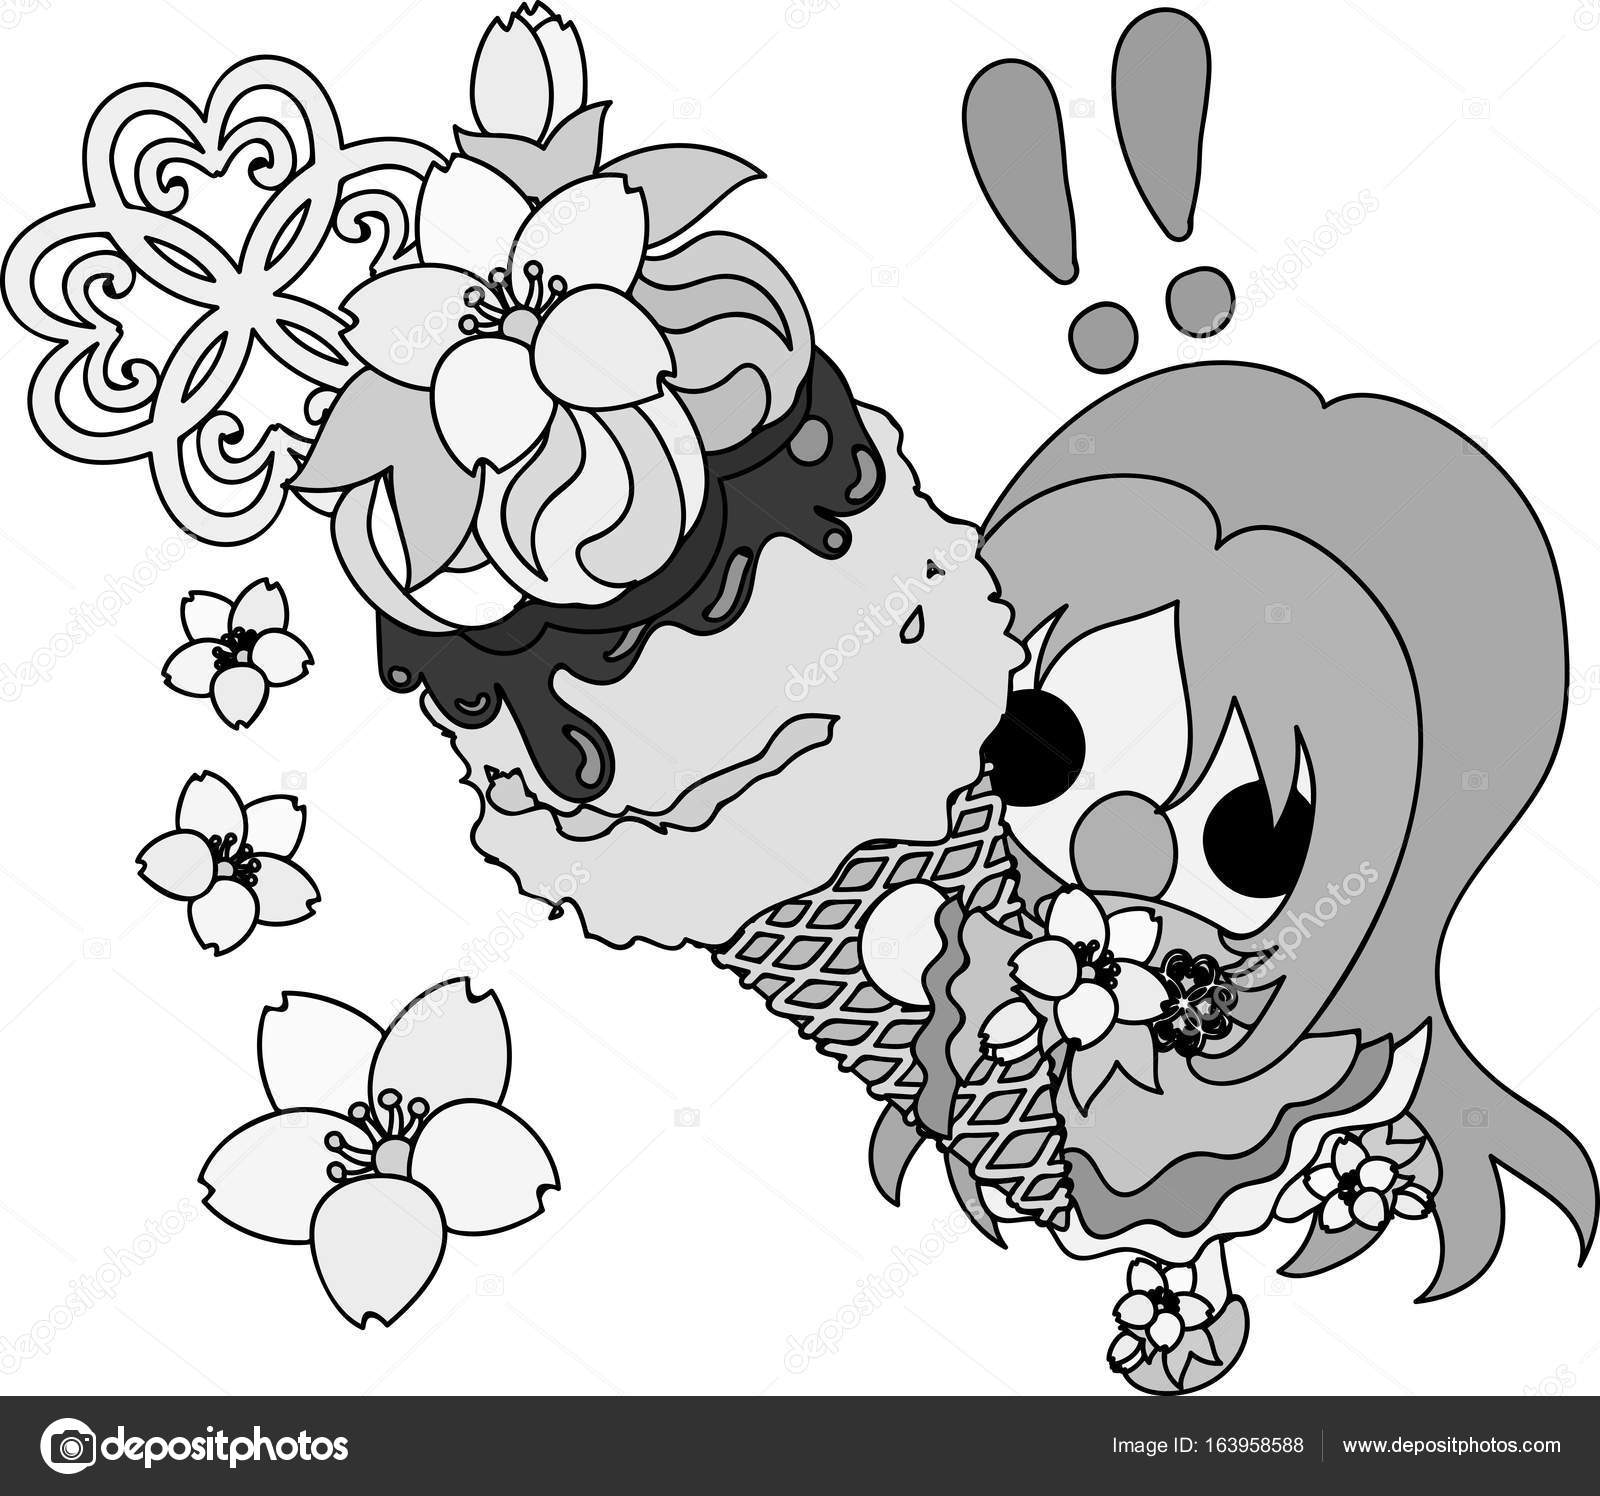 552a0057fa8be7 Najlepszy wybór] Kwiat Wiśni Kolorowanka - Kolorowanki Dla Dzieci